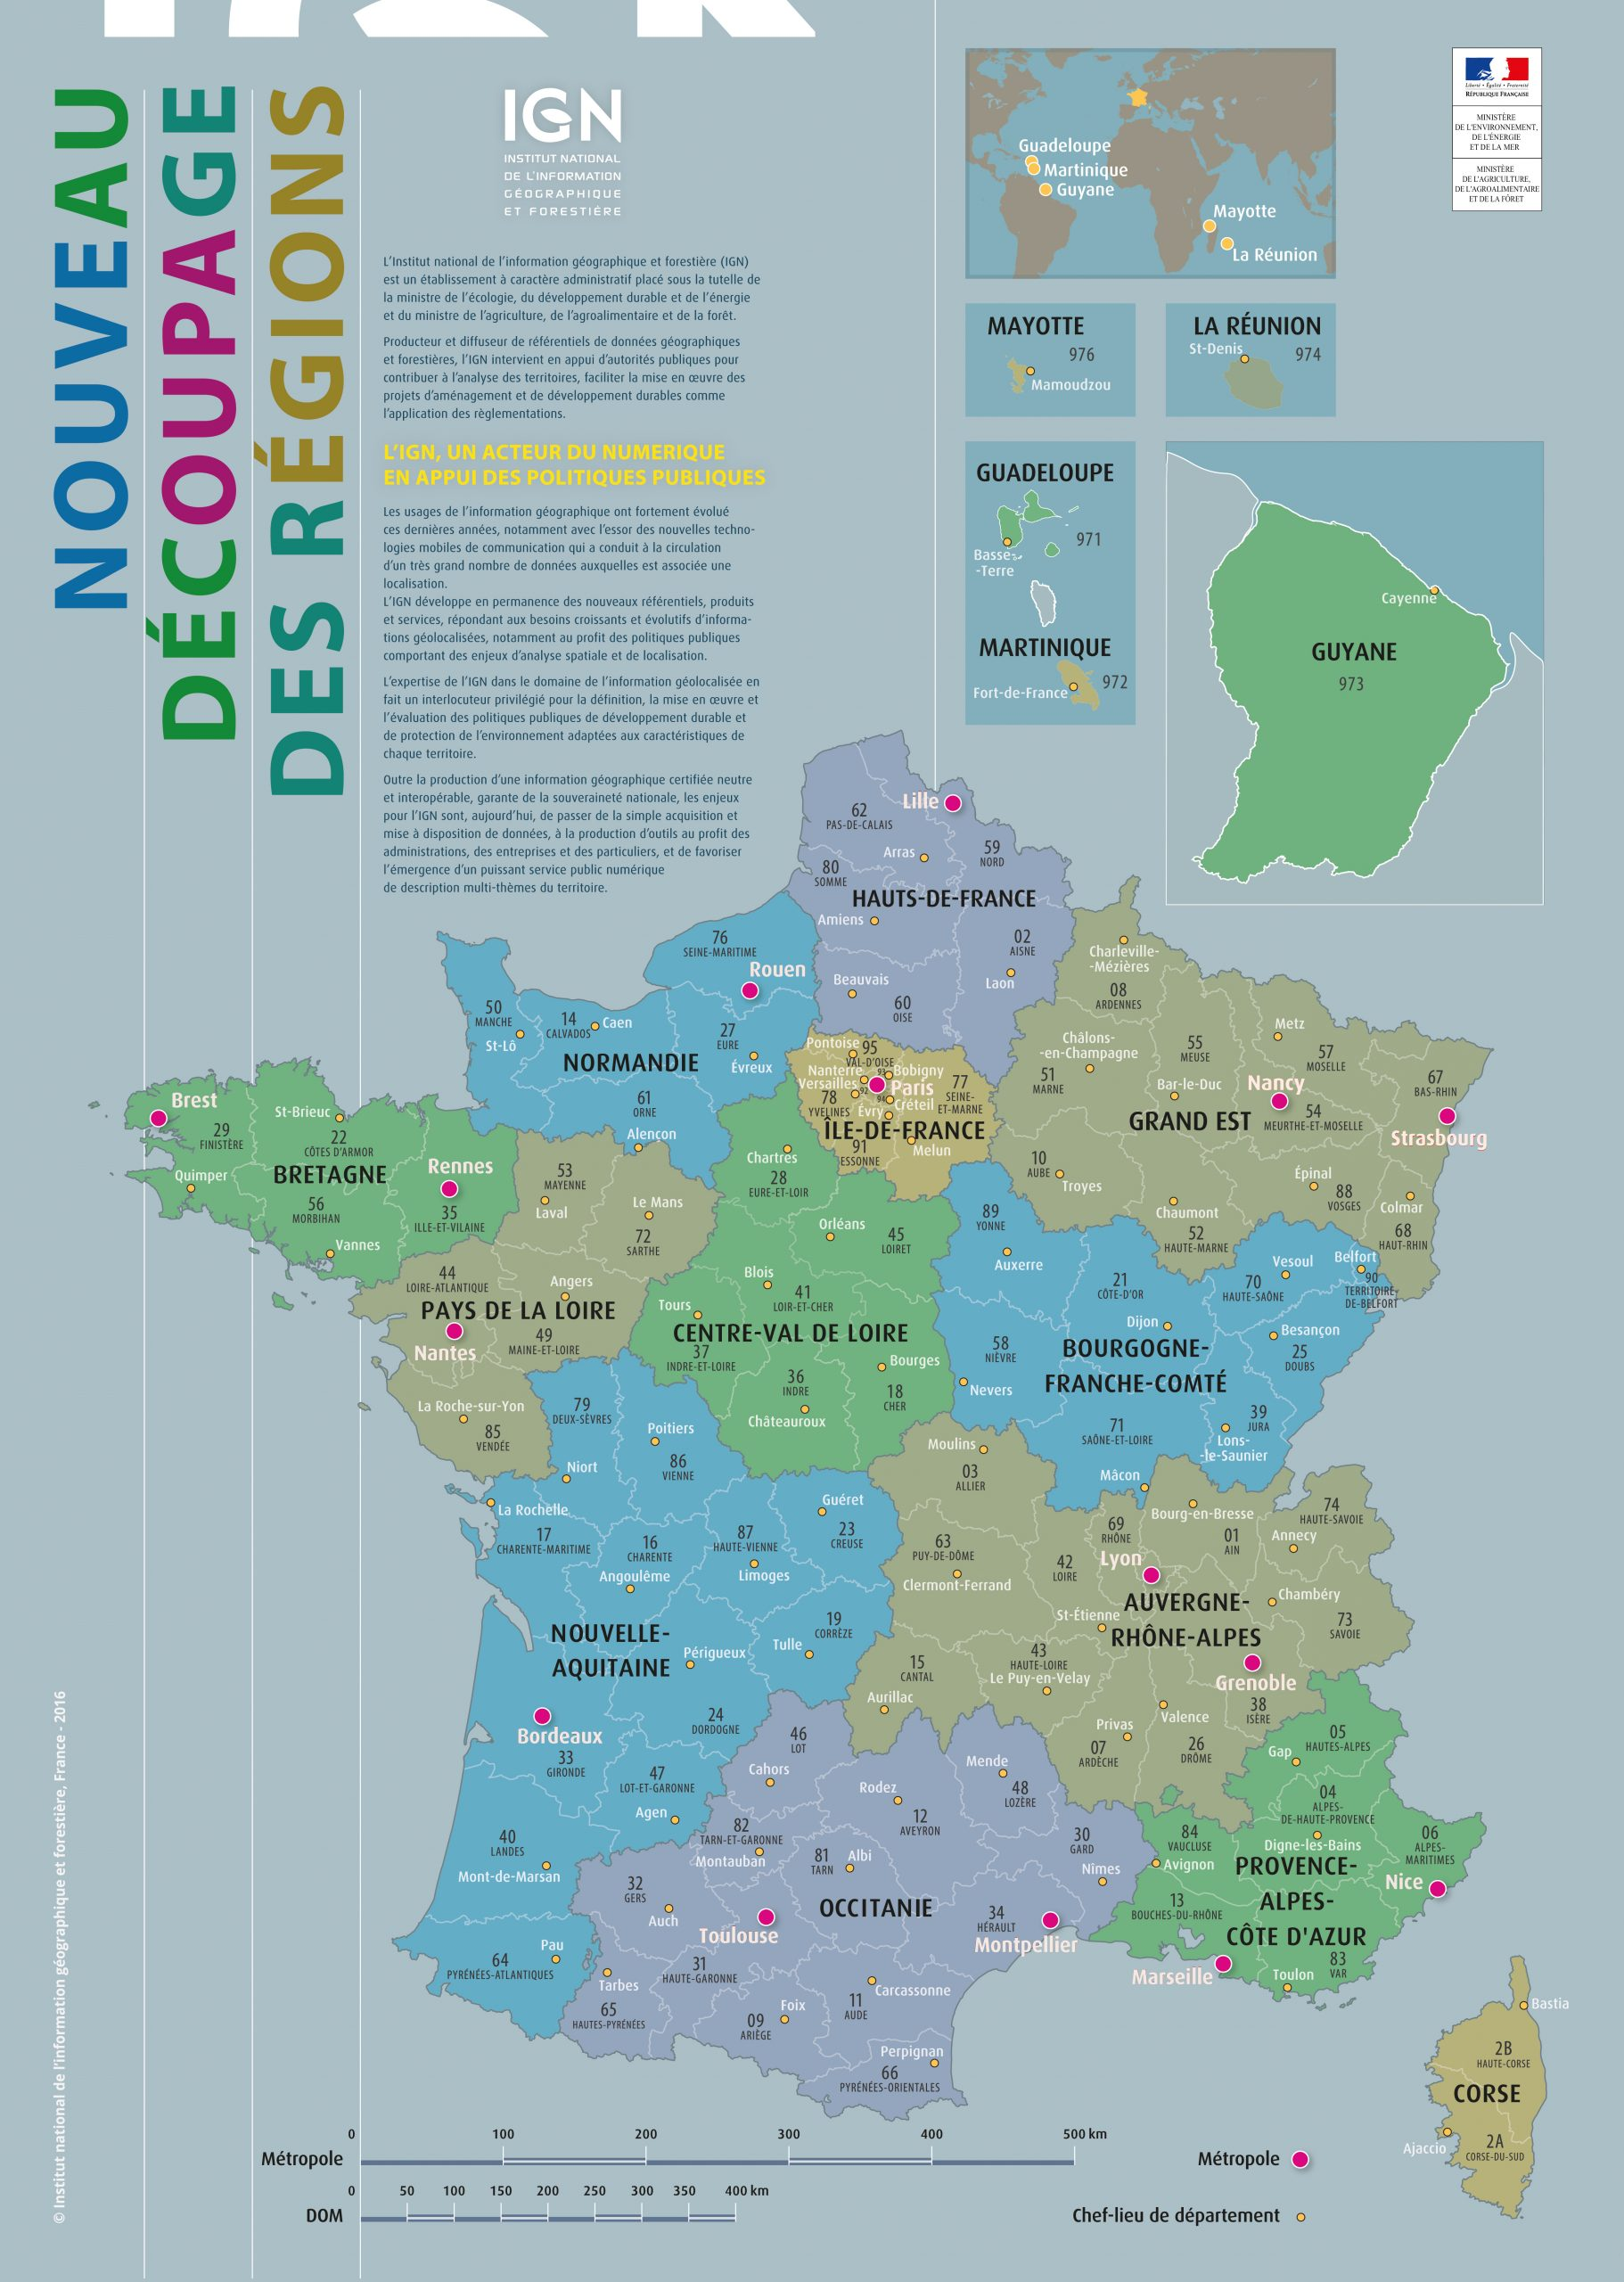 Fonds De Cartes | Éducation intérieur Carte De France Pour Les Enfants